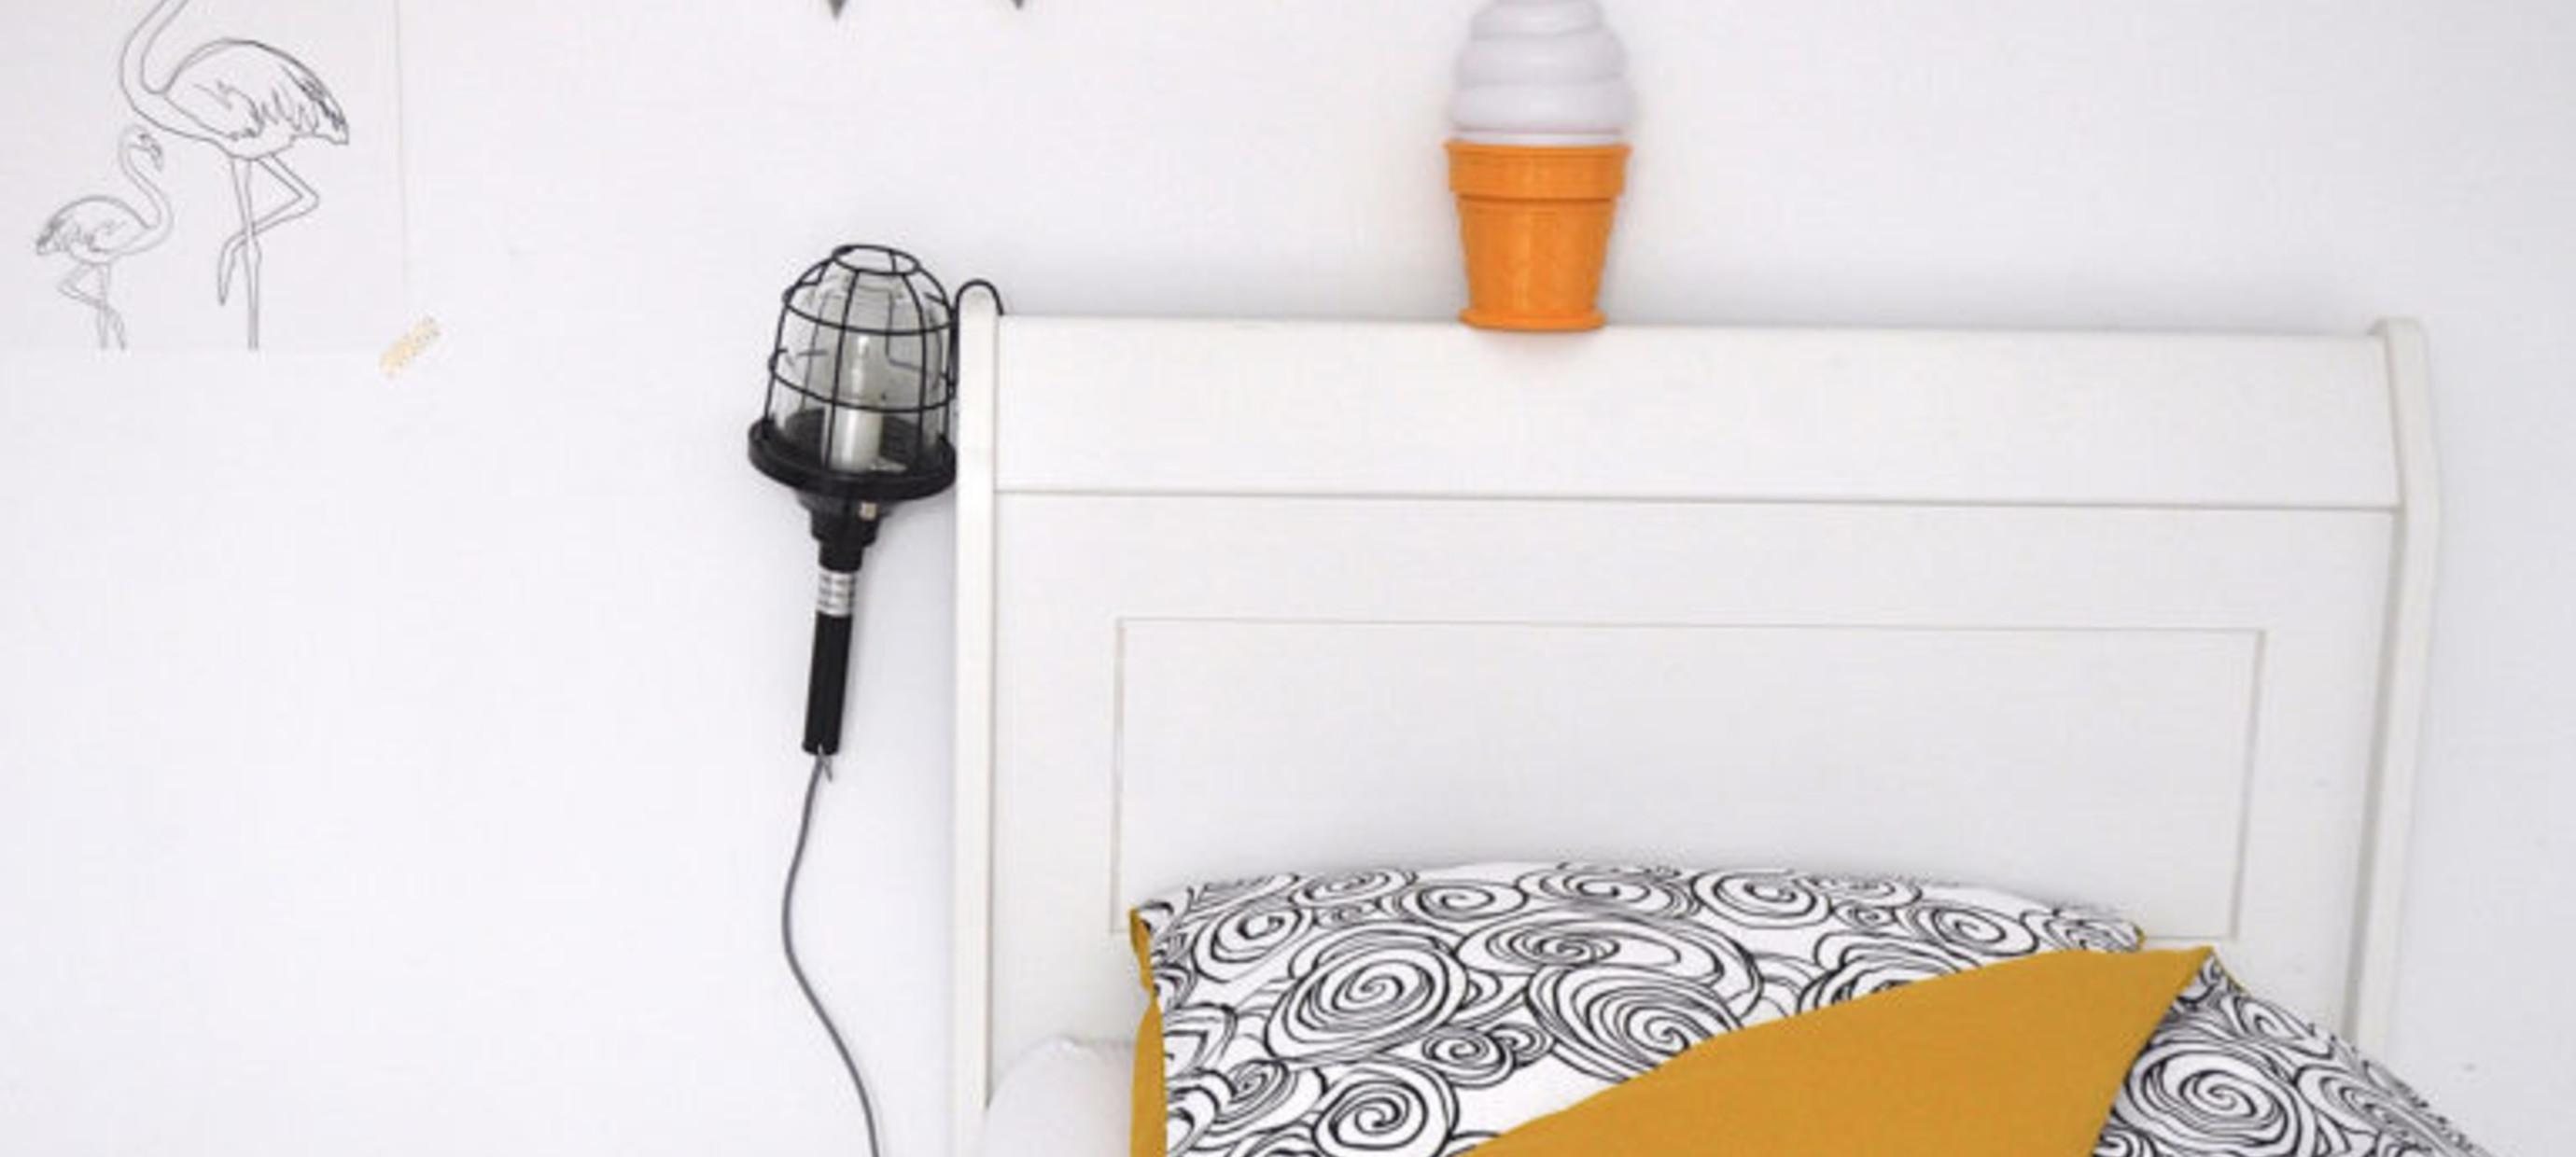 Tuck-Inn beddengoed, ideaal voor baby's en kids die zich bloot trappelen